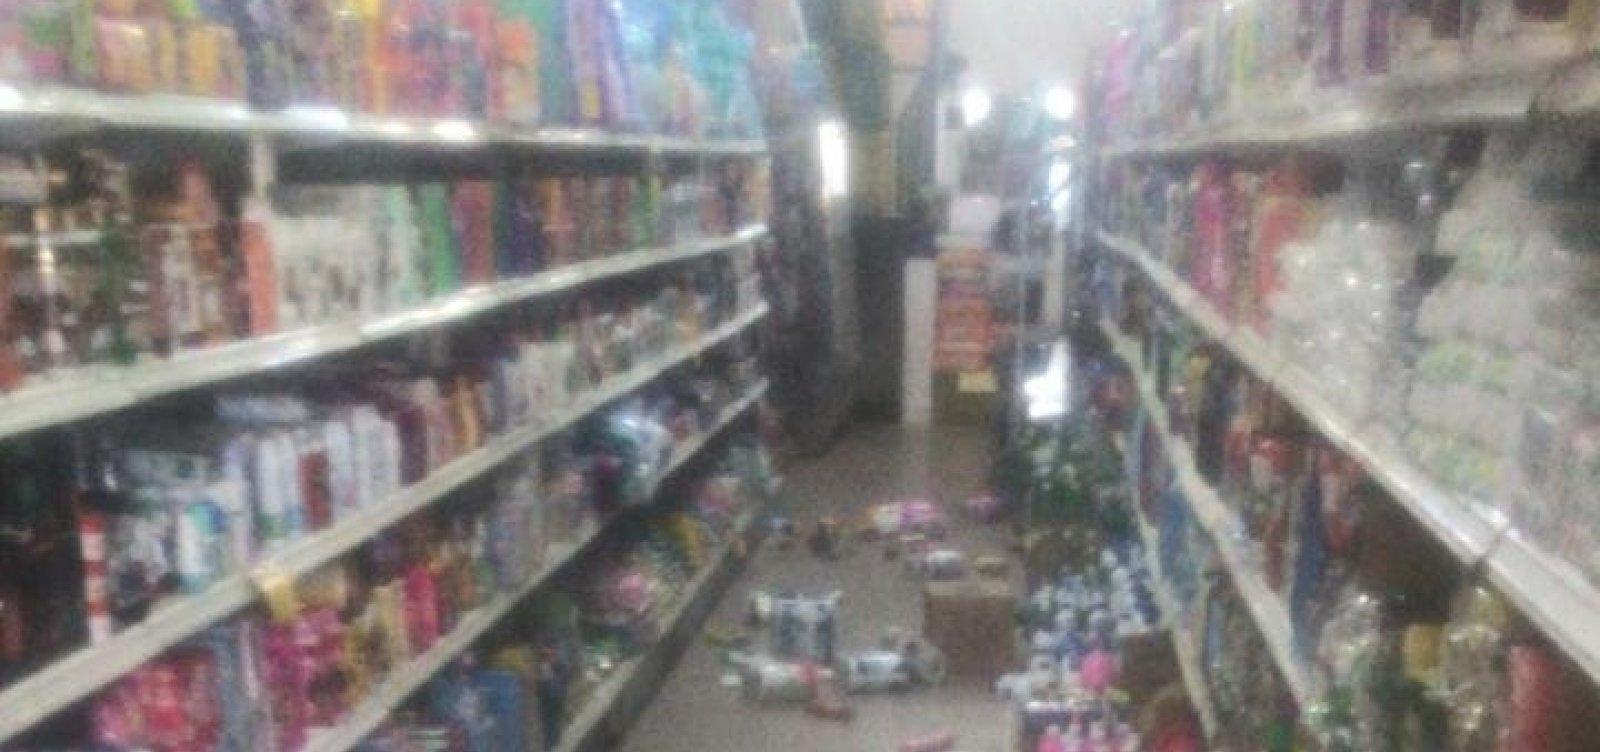 [Cidades baianas são atingidas por tremor de terra neste domingo]